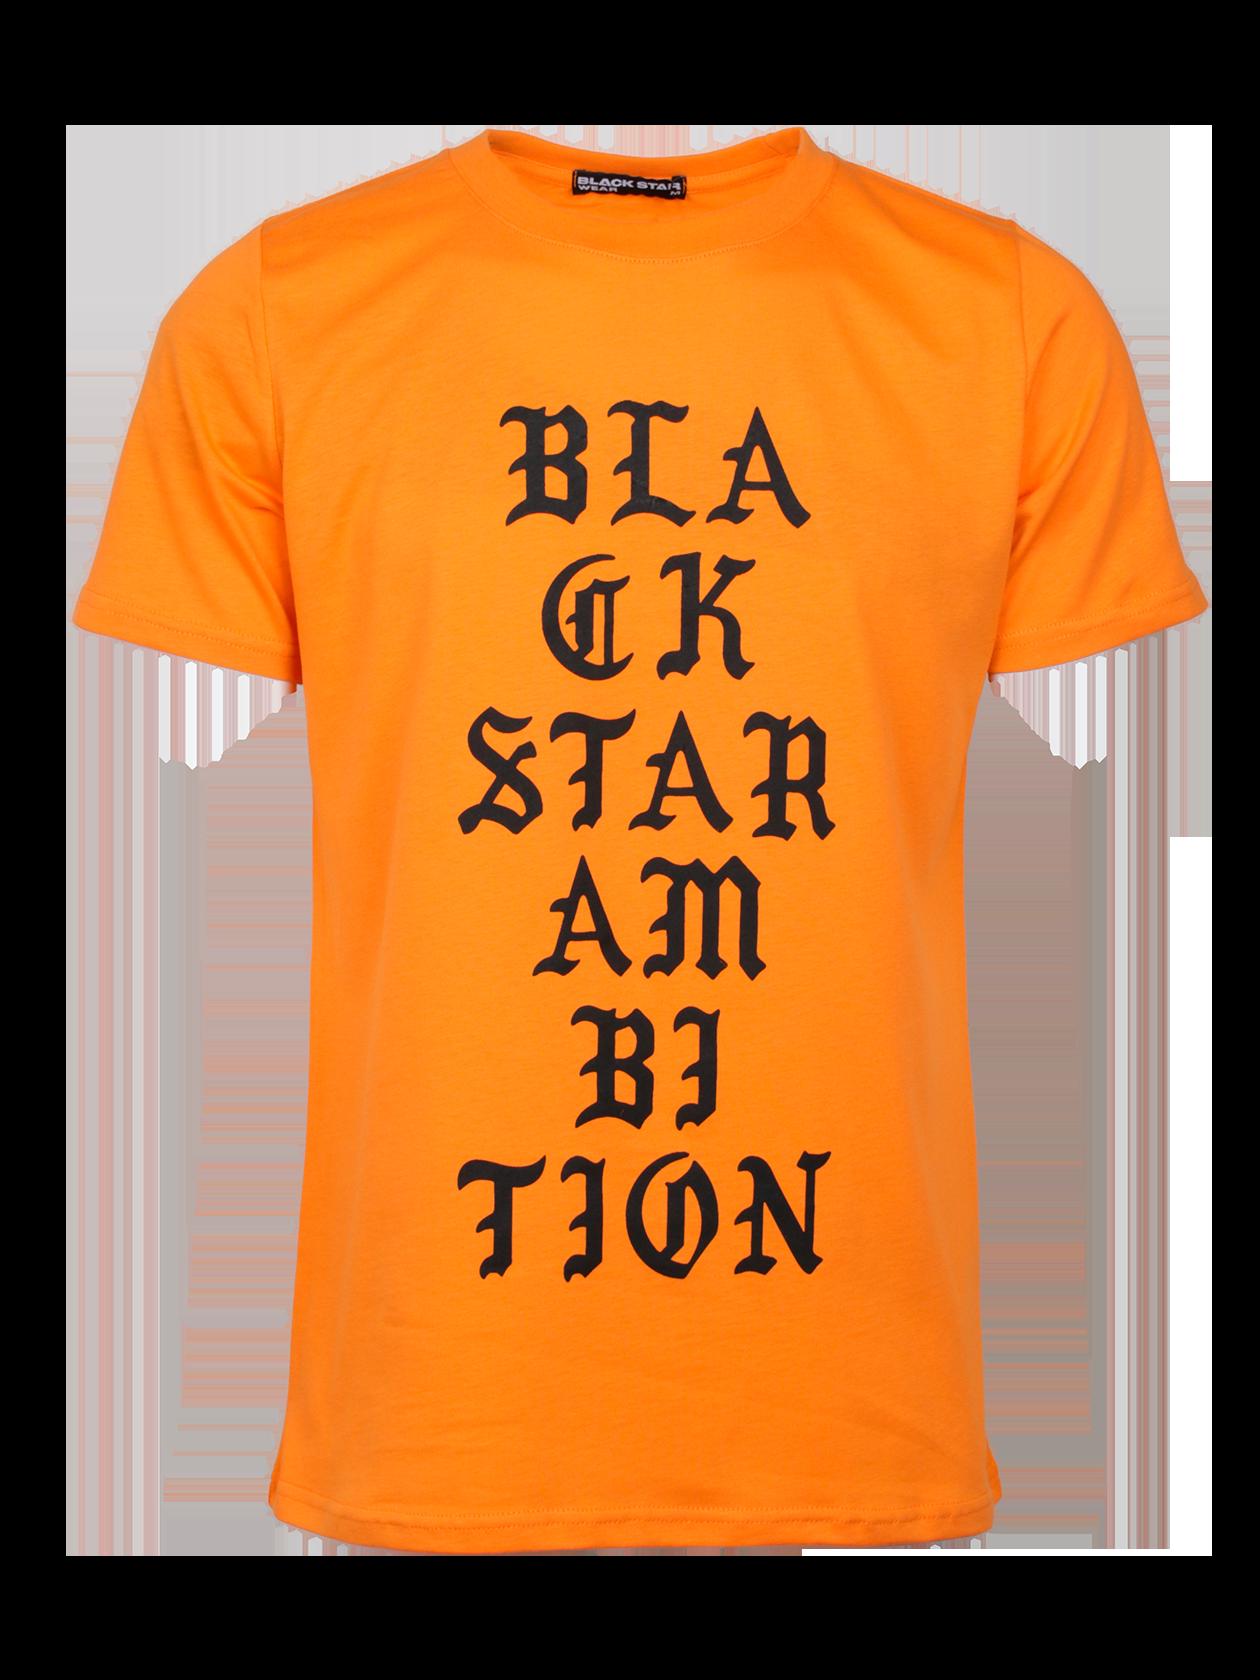 Футболка унисекс AMBITIONСтильная футболка унисекс AMBITION из новой коллекции Black Star Wear Orange Flame. Модель с коротким рукавом классического кроя и округлой эластичной горловиной. Изготовлена из хлопка премиального качества, что обеспечит неповторимый комфорт даже в жаркие летние дни. Отличительный и привлекательный дизайн подчеркивает яркий оранжевый цвет, а так же фирменный принт Black Star Ambition на фронтальной стороне изделия. Такая вещь несомненно подчеркнет индивидуальность стиля и станет незаменимой как в мужском, так и в женском гардеробе.<br><br>Размер: XS<br>Цвет: Оранжевый<br>Пол: Мужской